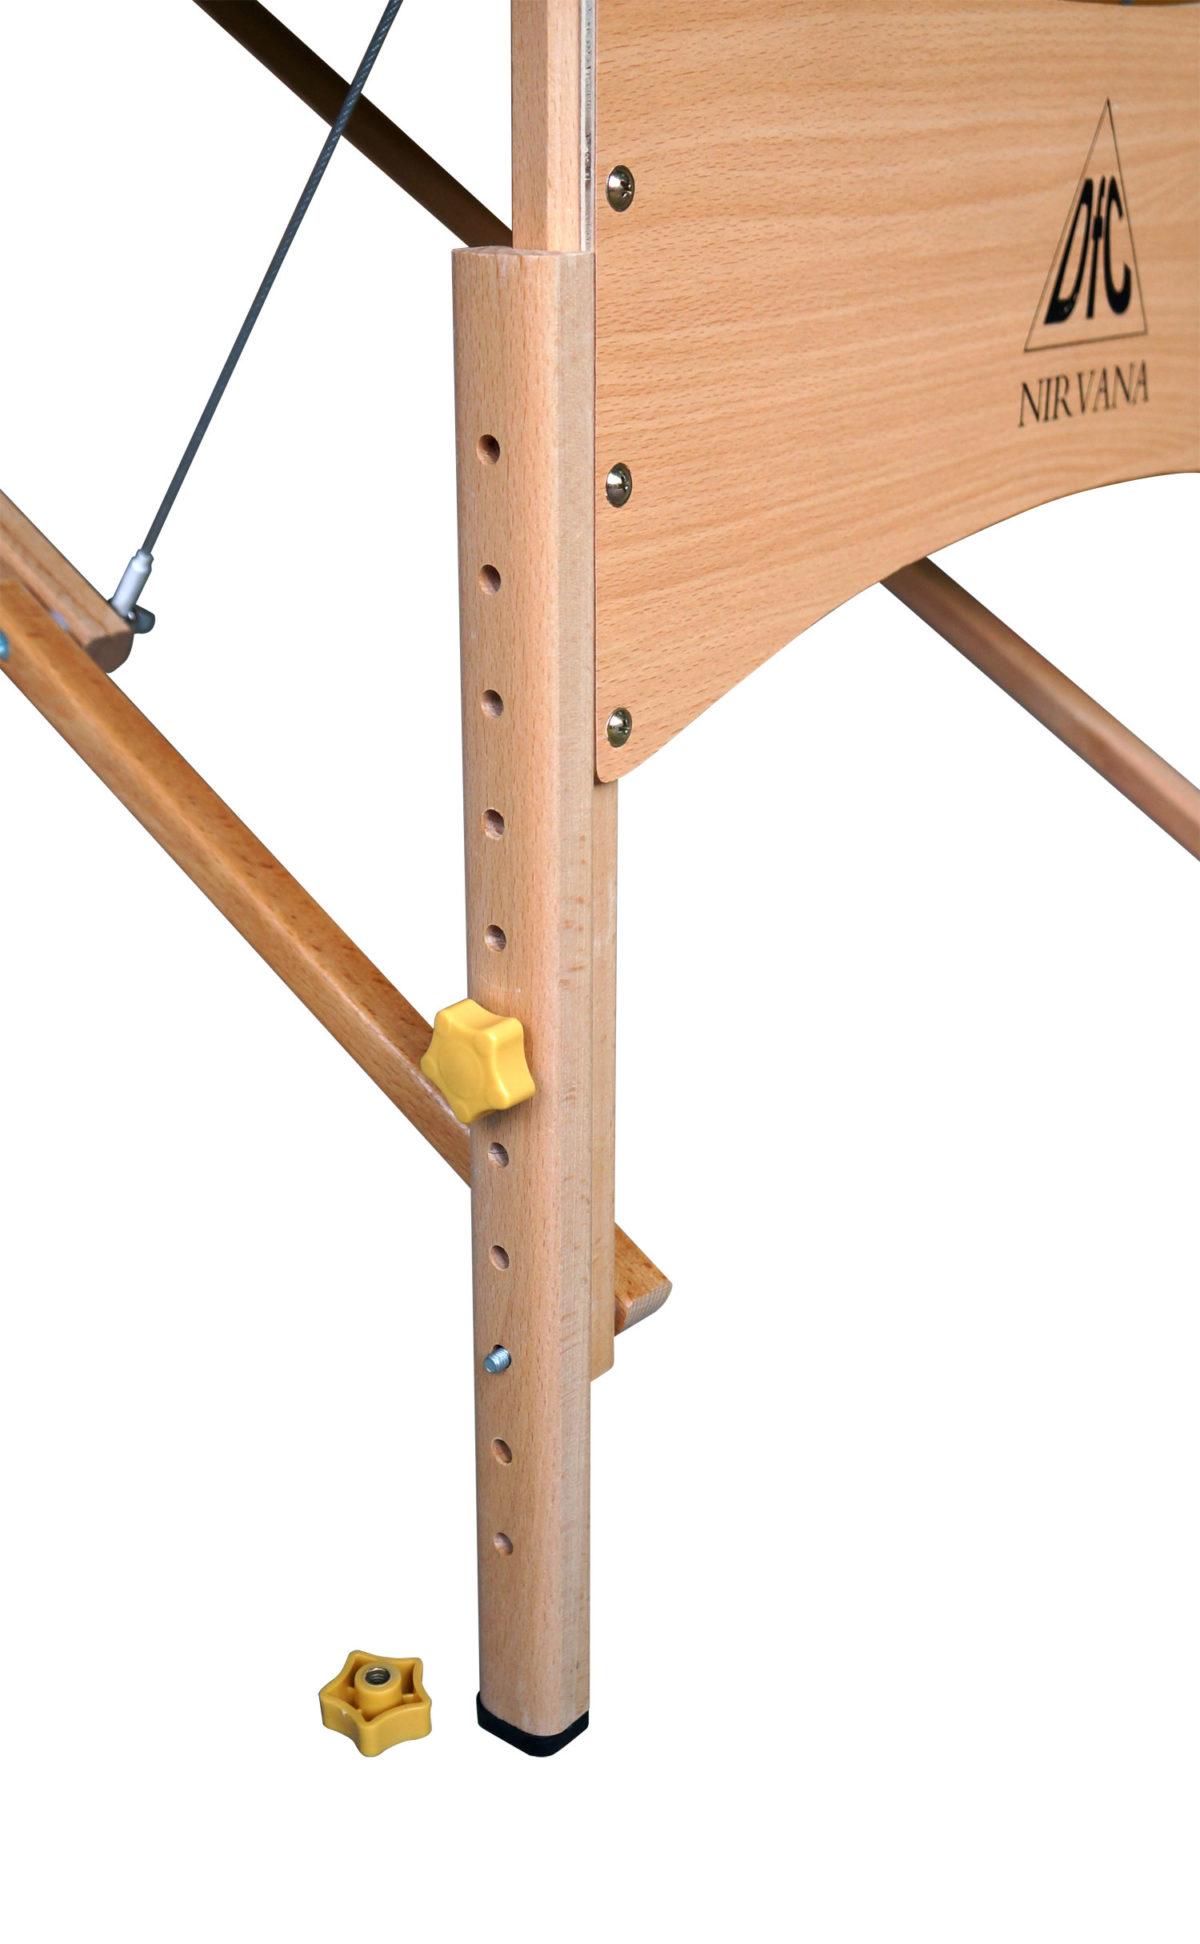 DFC NIRVANA Relax Массажный стол, 2-х секционный TS20111_P - 5